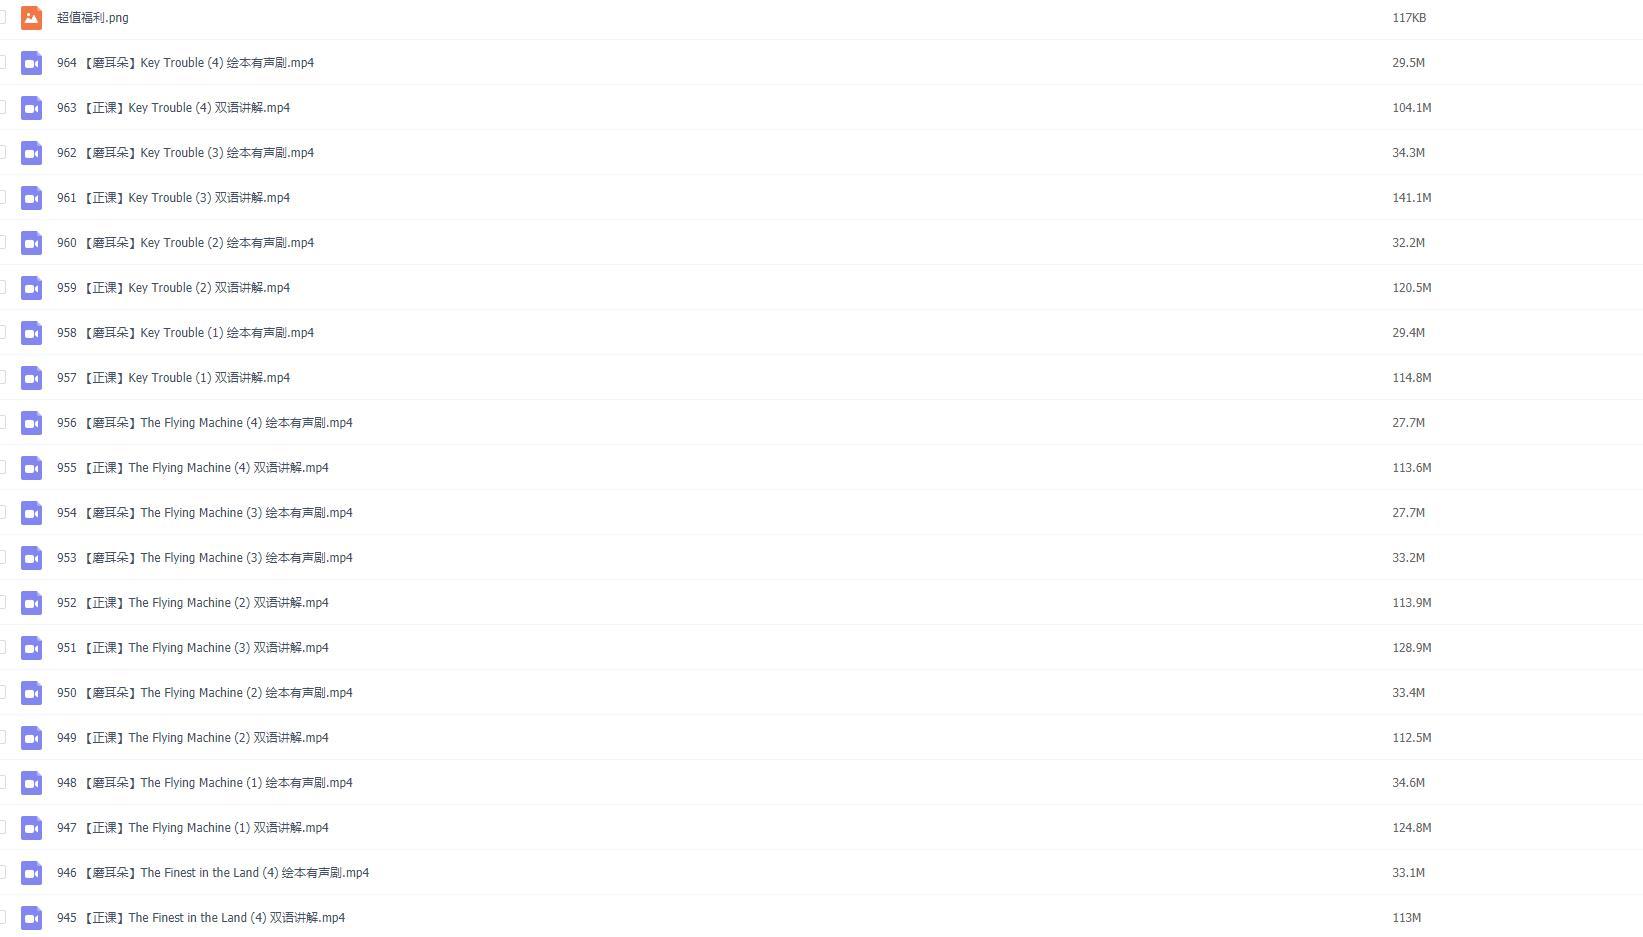 童老师少儿英语启蒙课牛津树入门至高阶(551天登顶班)百度网盘下载【完结】